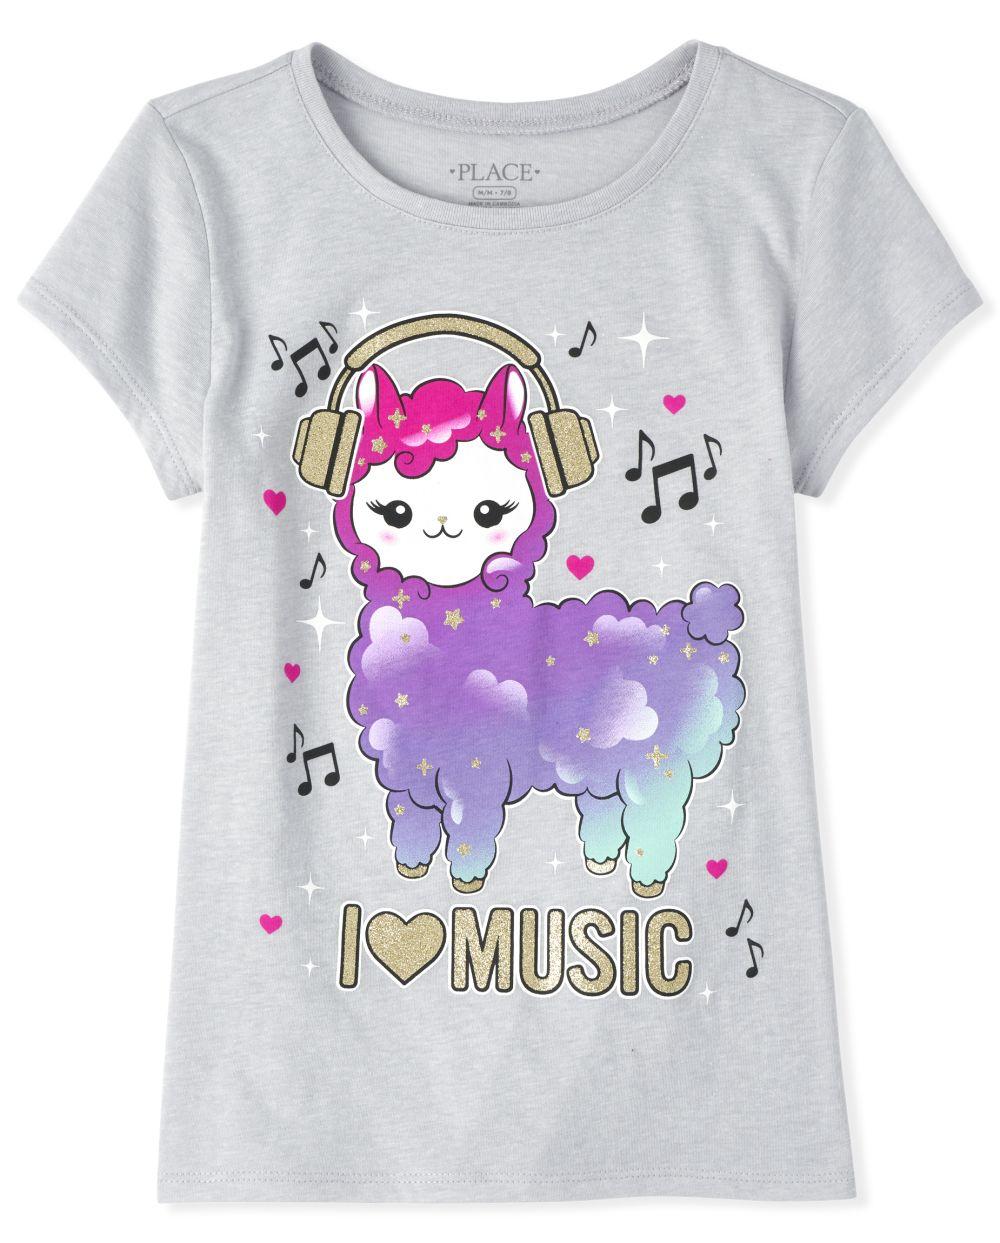 Girls Glitter Llama Music Graphic Tee